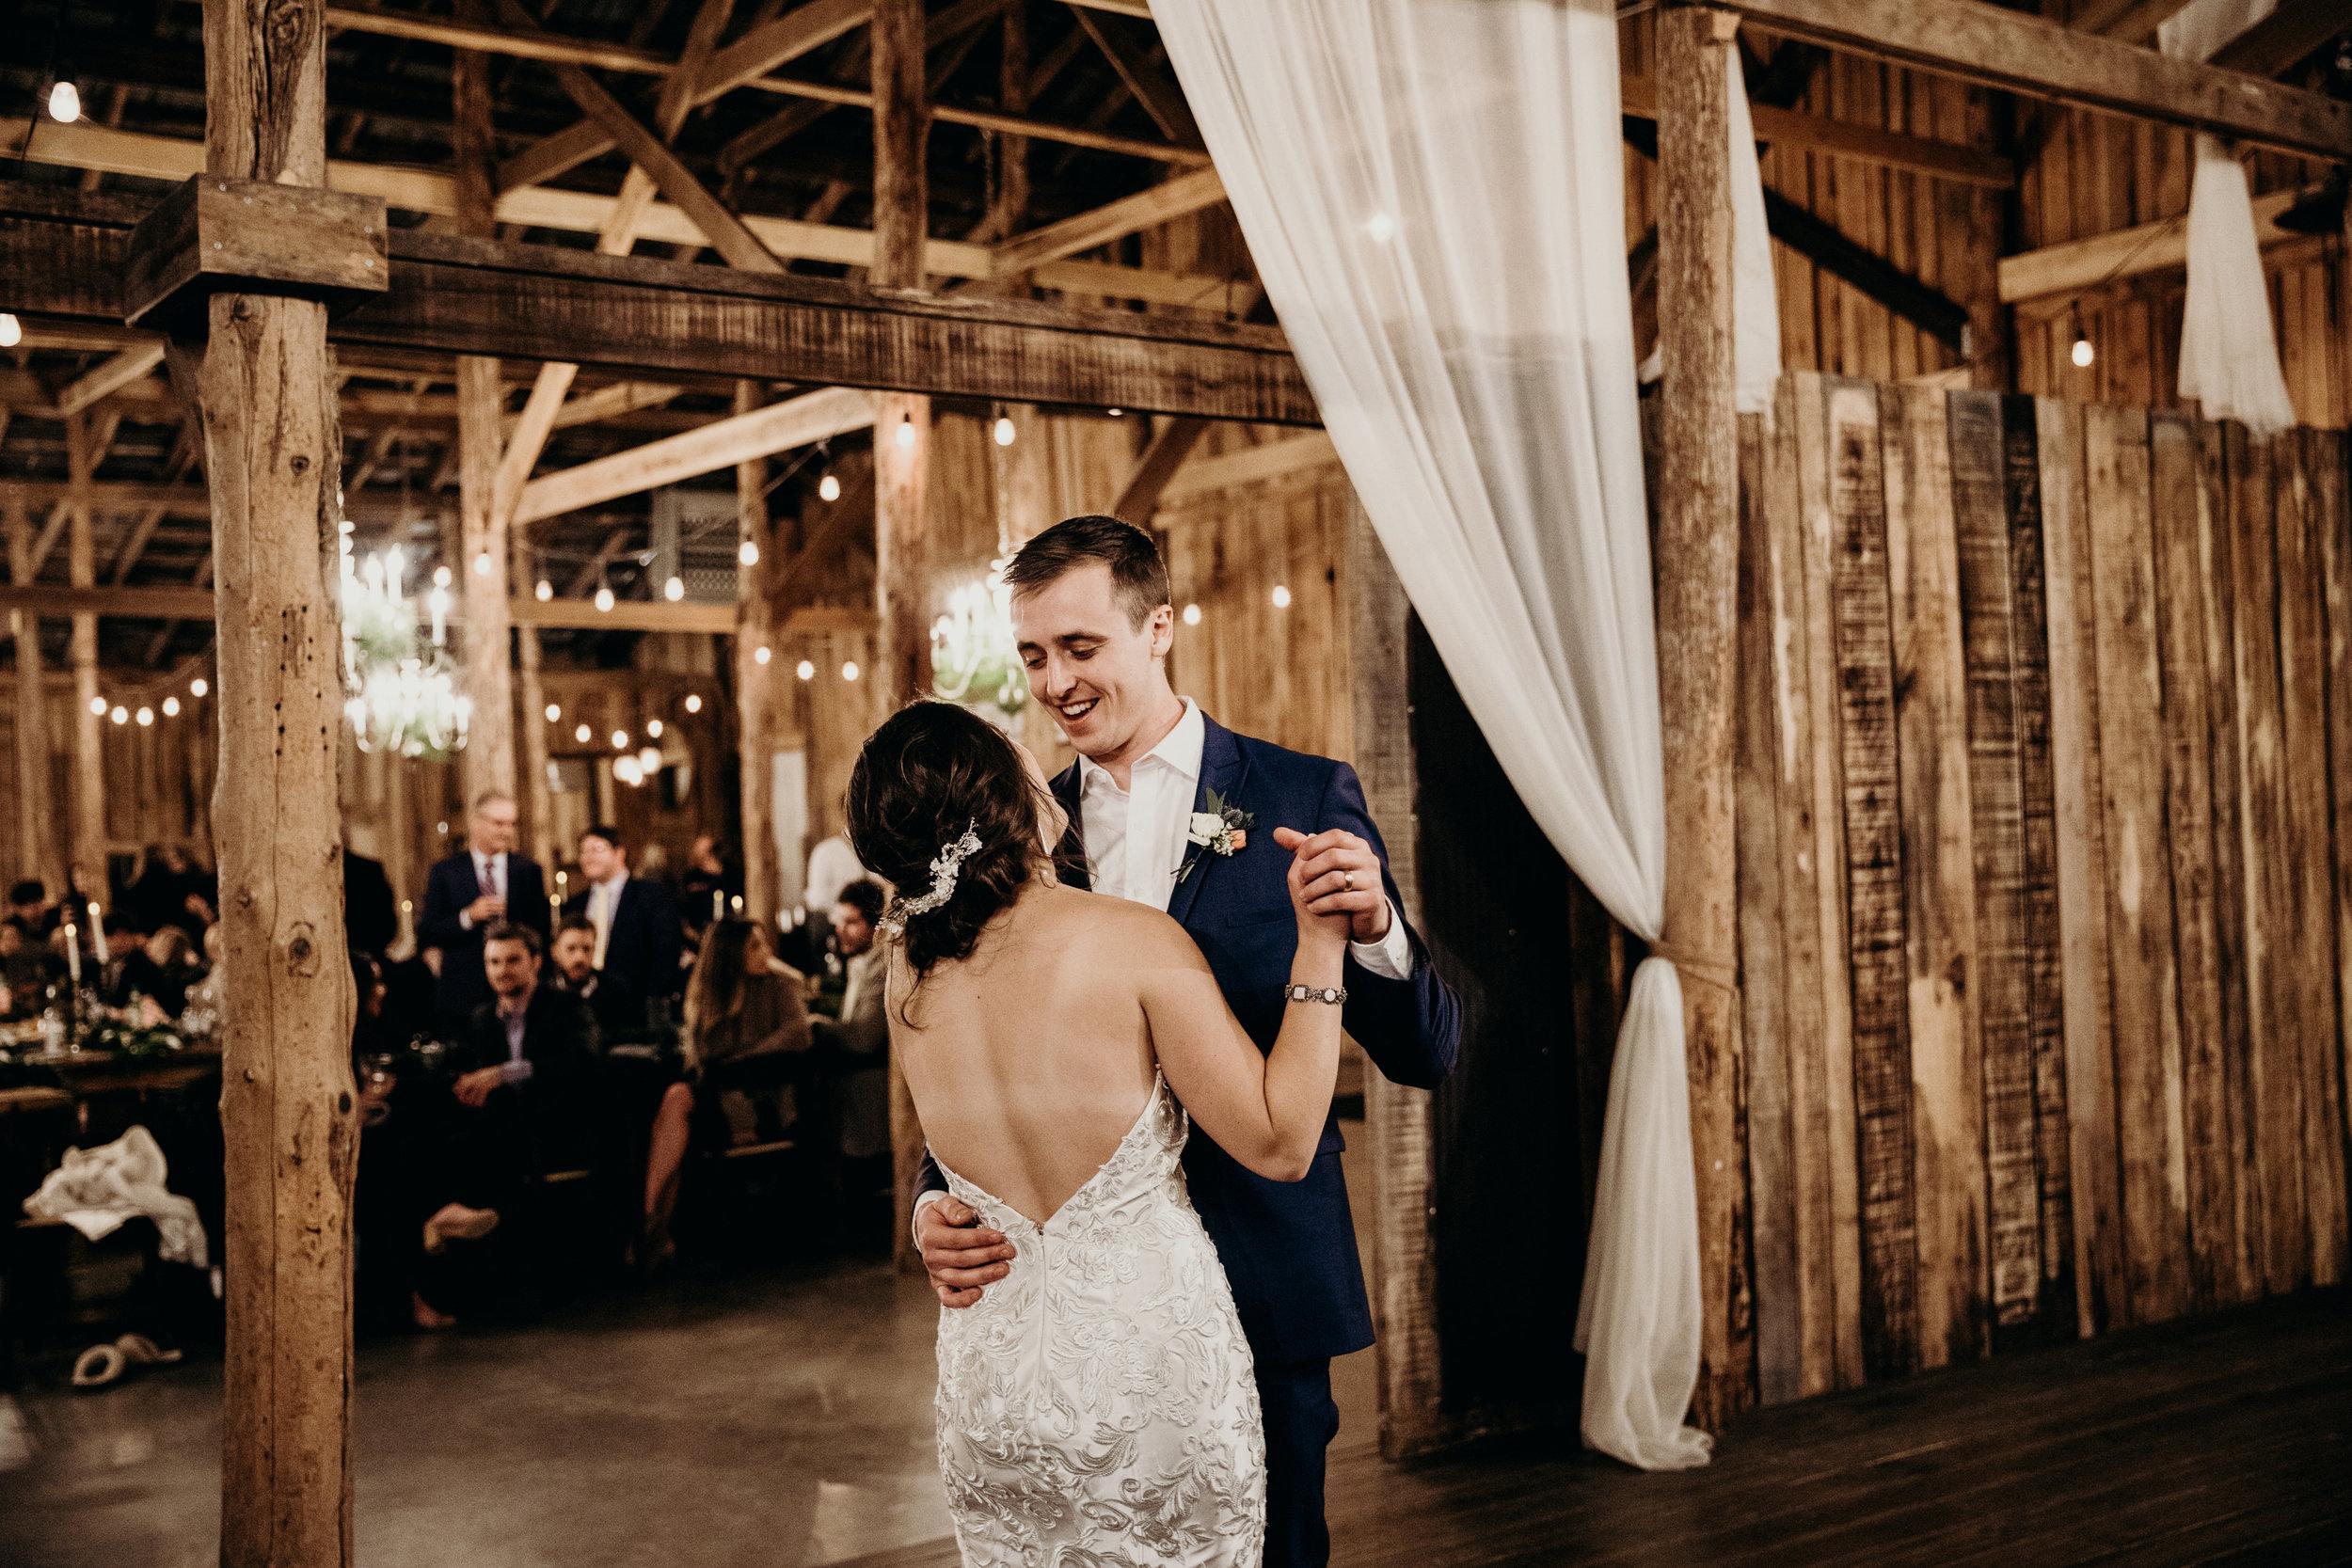 1014-ltw-morgan-adam-wedding.jpg